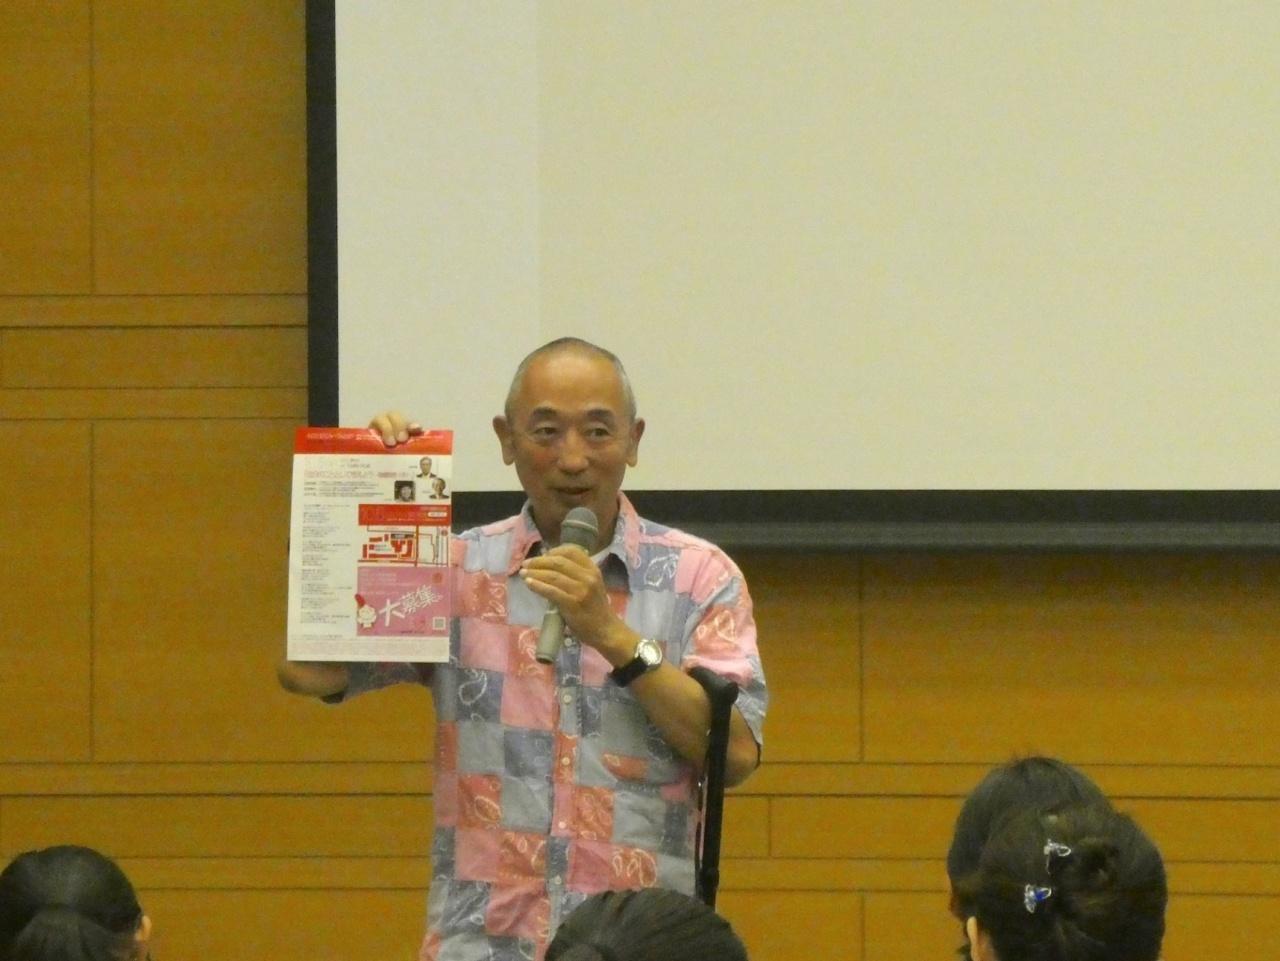 高畑吉博 氏(AIDS文化フォーラムin京都 幹事)